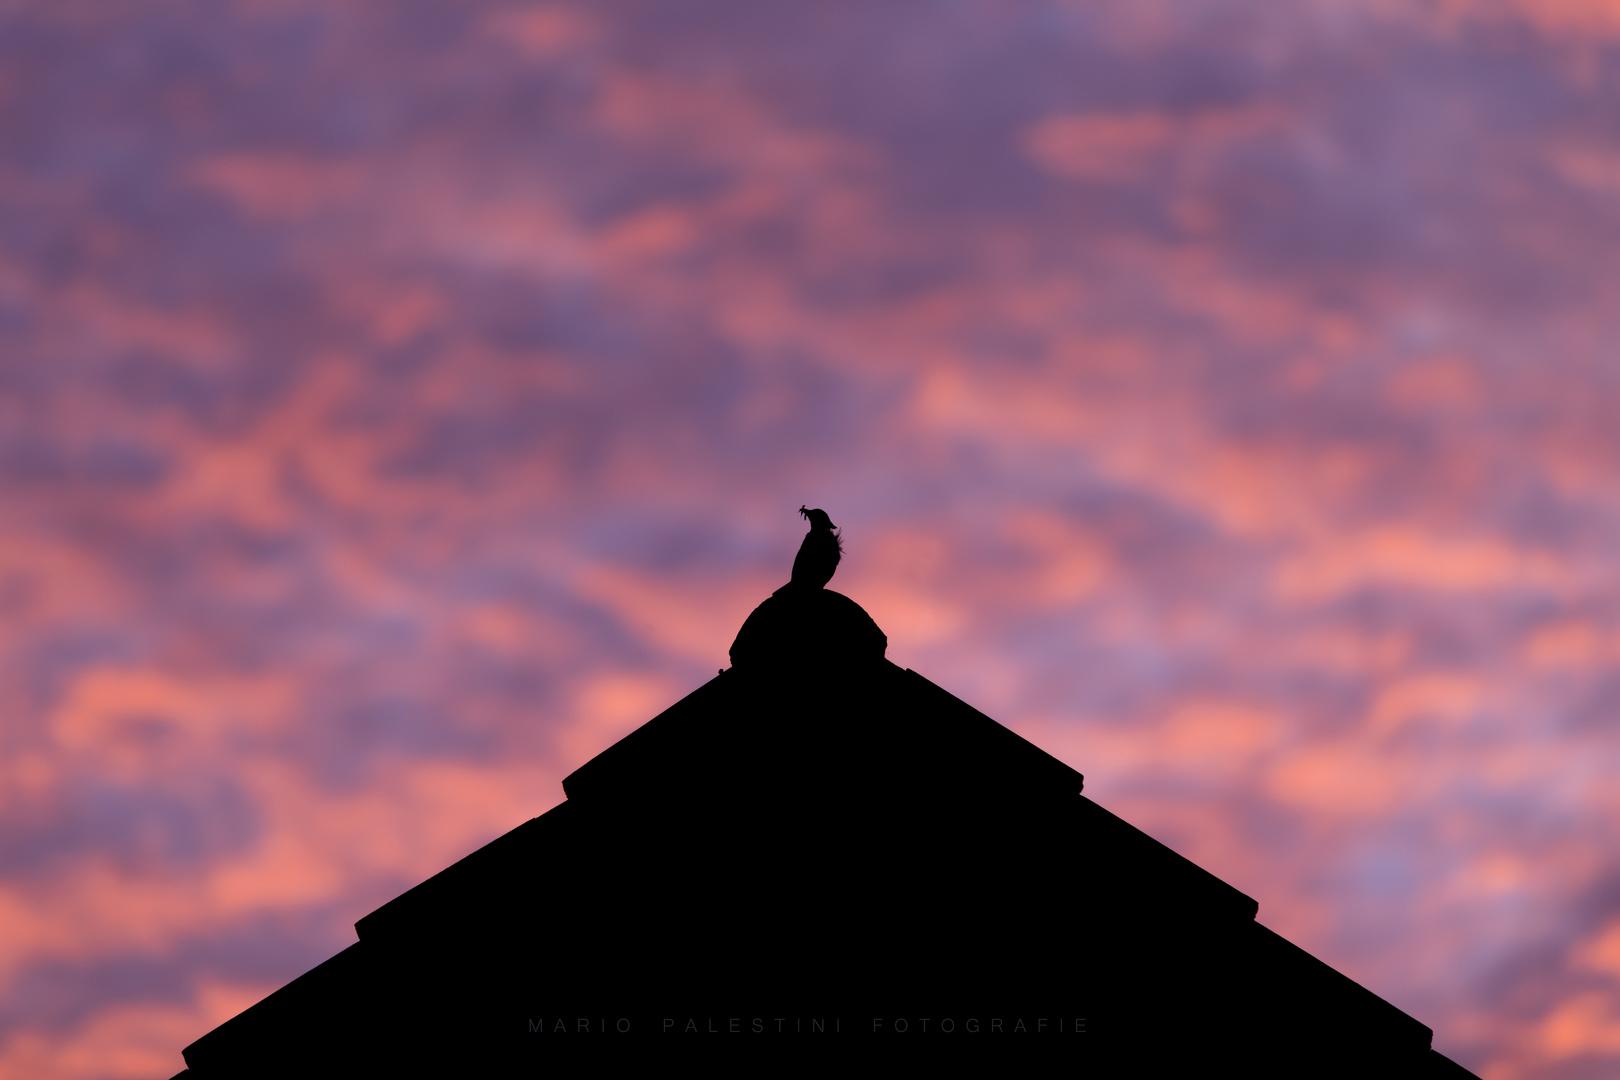 Vogel auf dem Dach im Abendrot beim Abendbrot